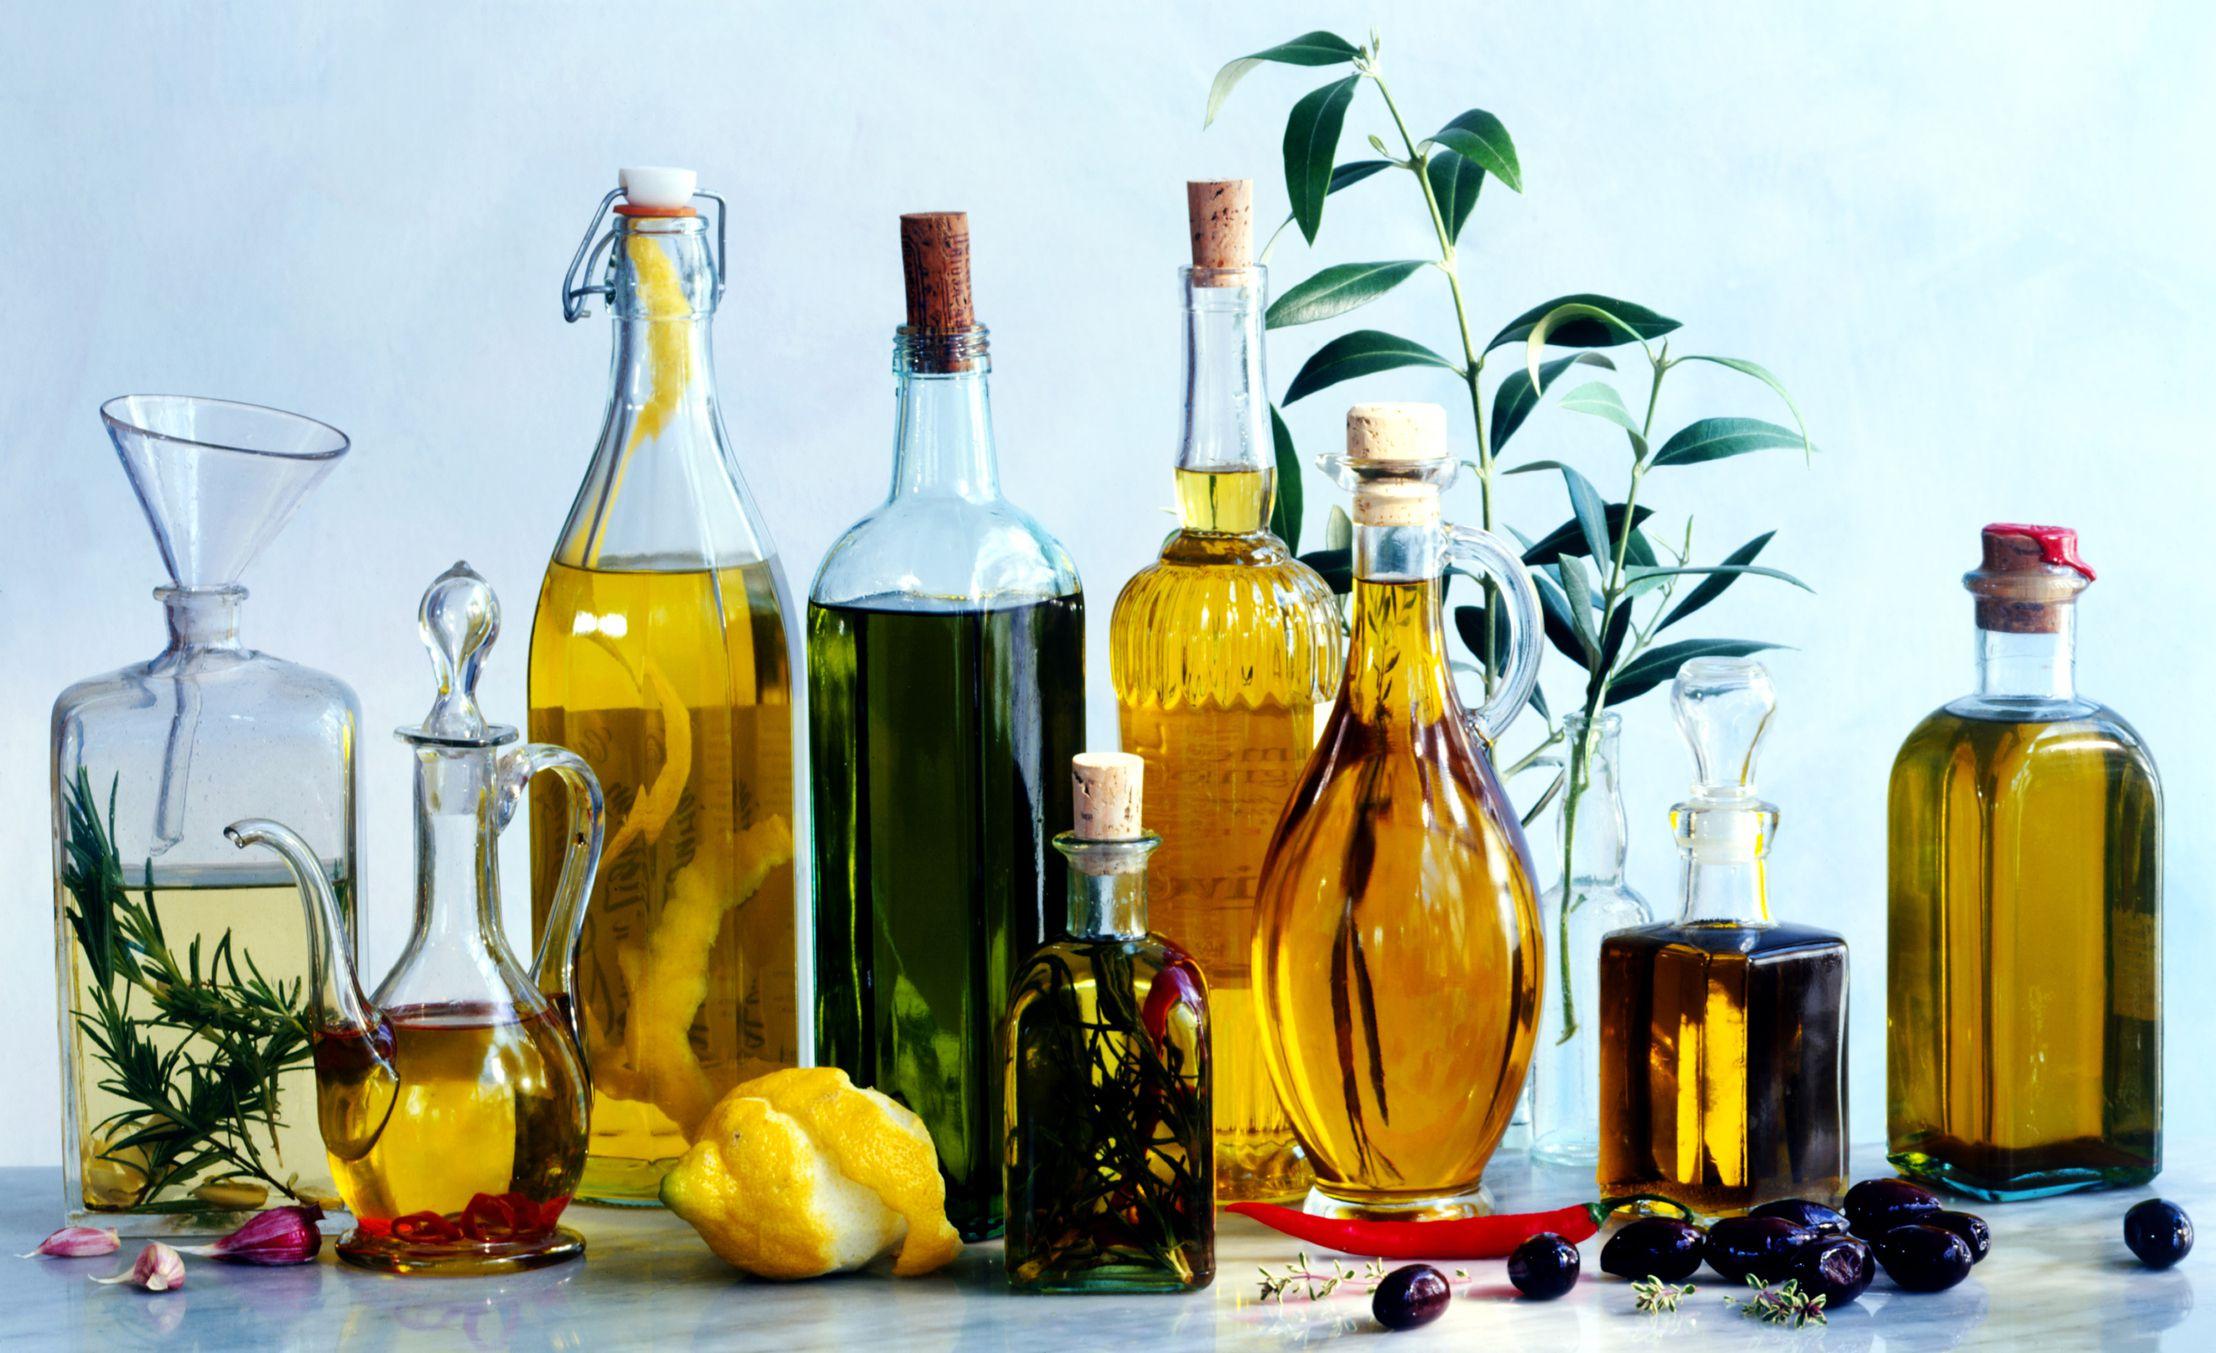 Bāzes eļļas, macerāt-eļļas, ekstrakti